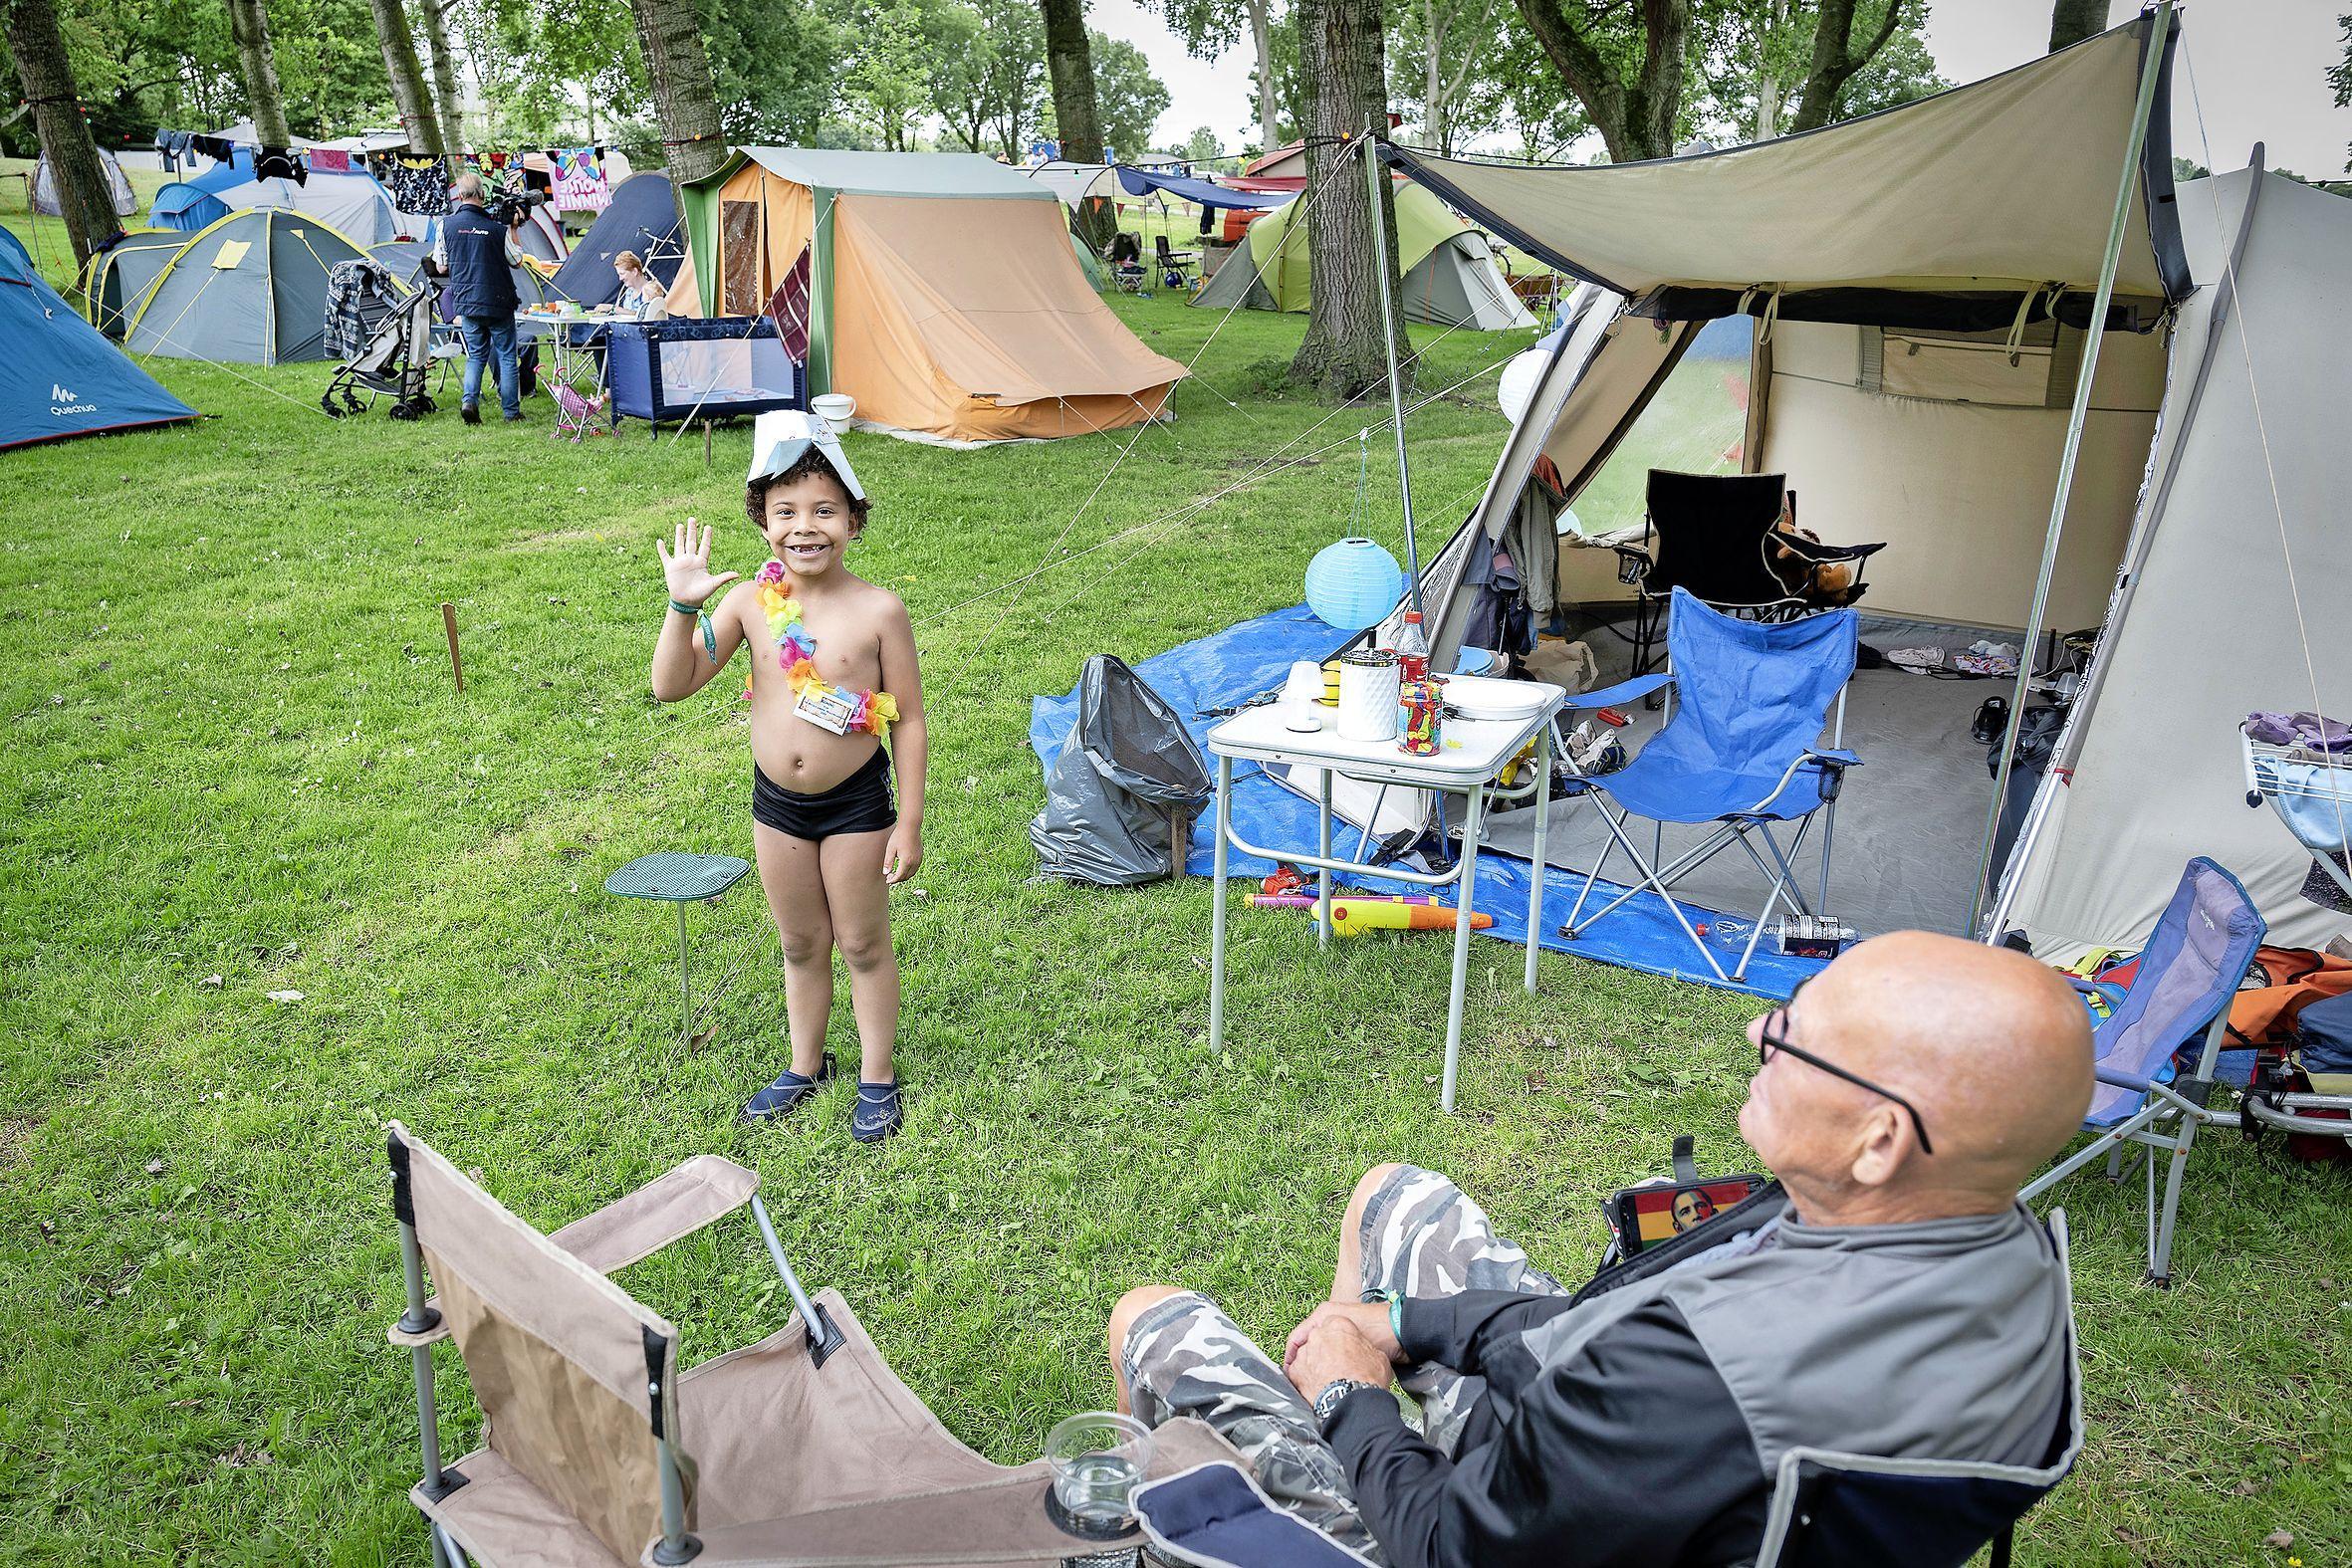 Verlossend woord voor Buurtcamping Molenplaspark: kampeerweekend mag doorgaan. 'Het was best spannend'